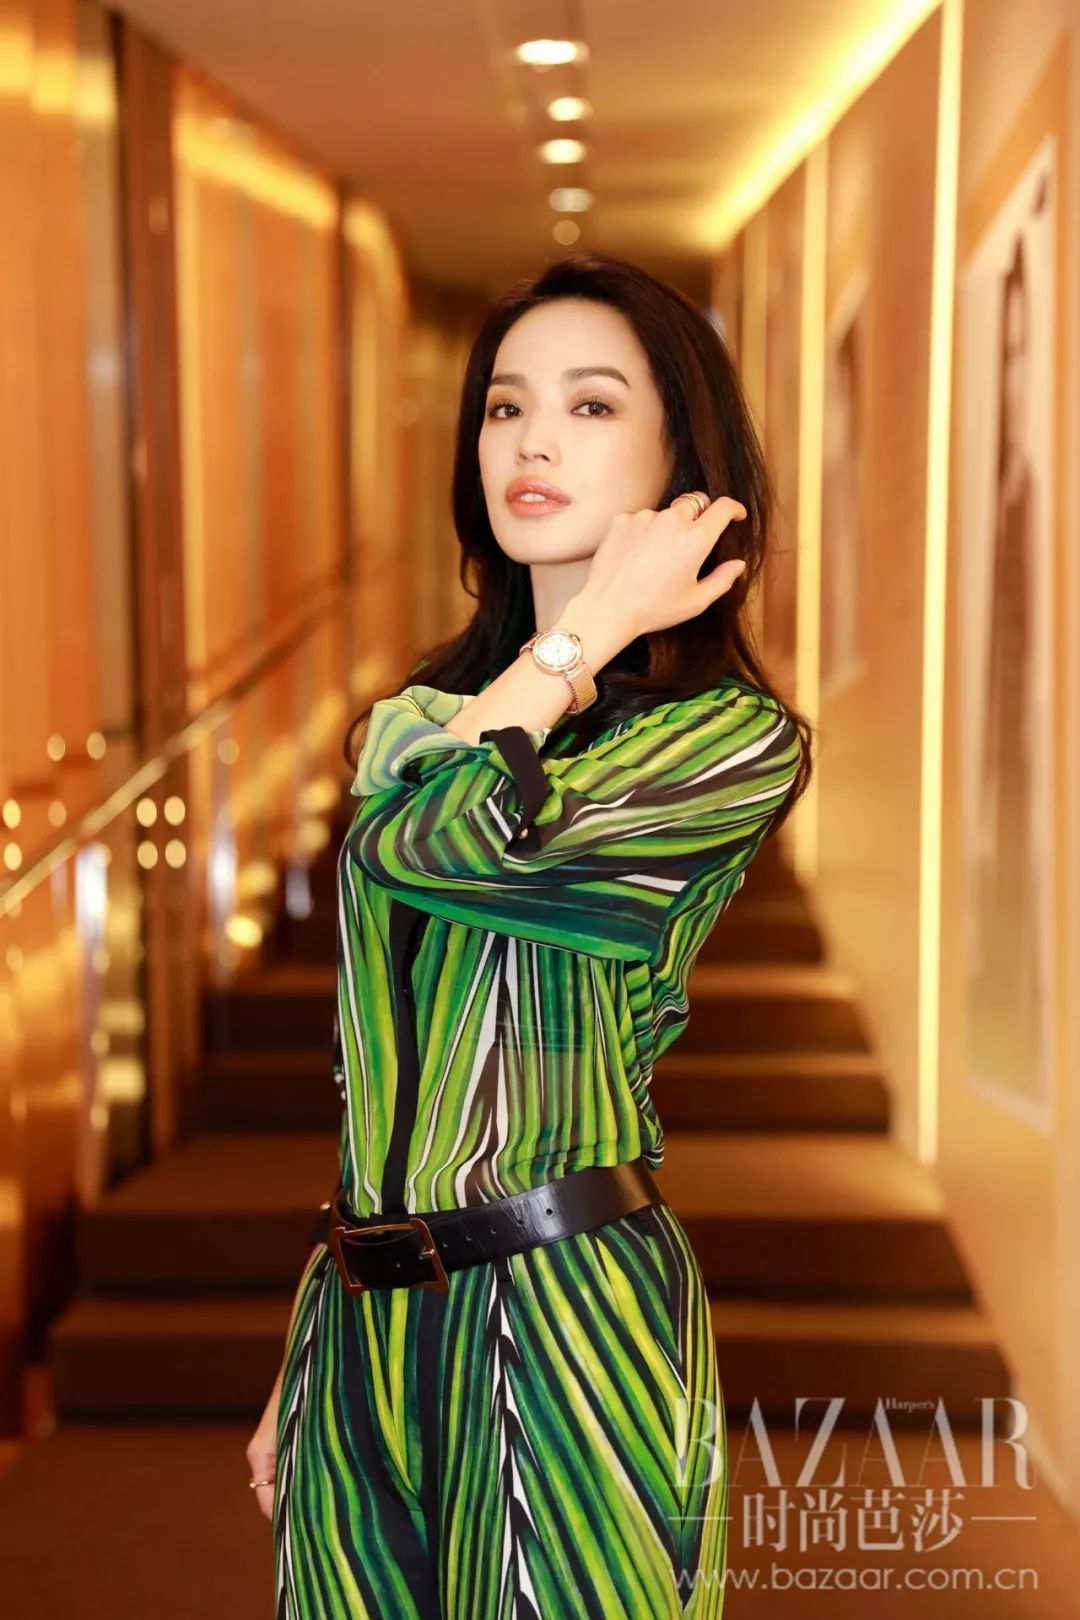 舒淇花代言费买珠宝,王源说自己不可爱,巴塞尔上百万的表长什么样?